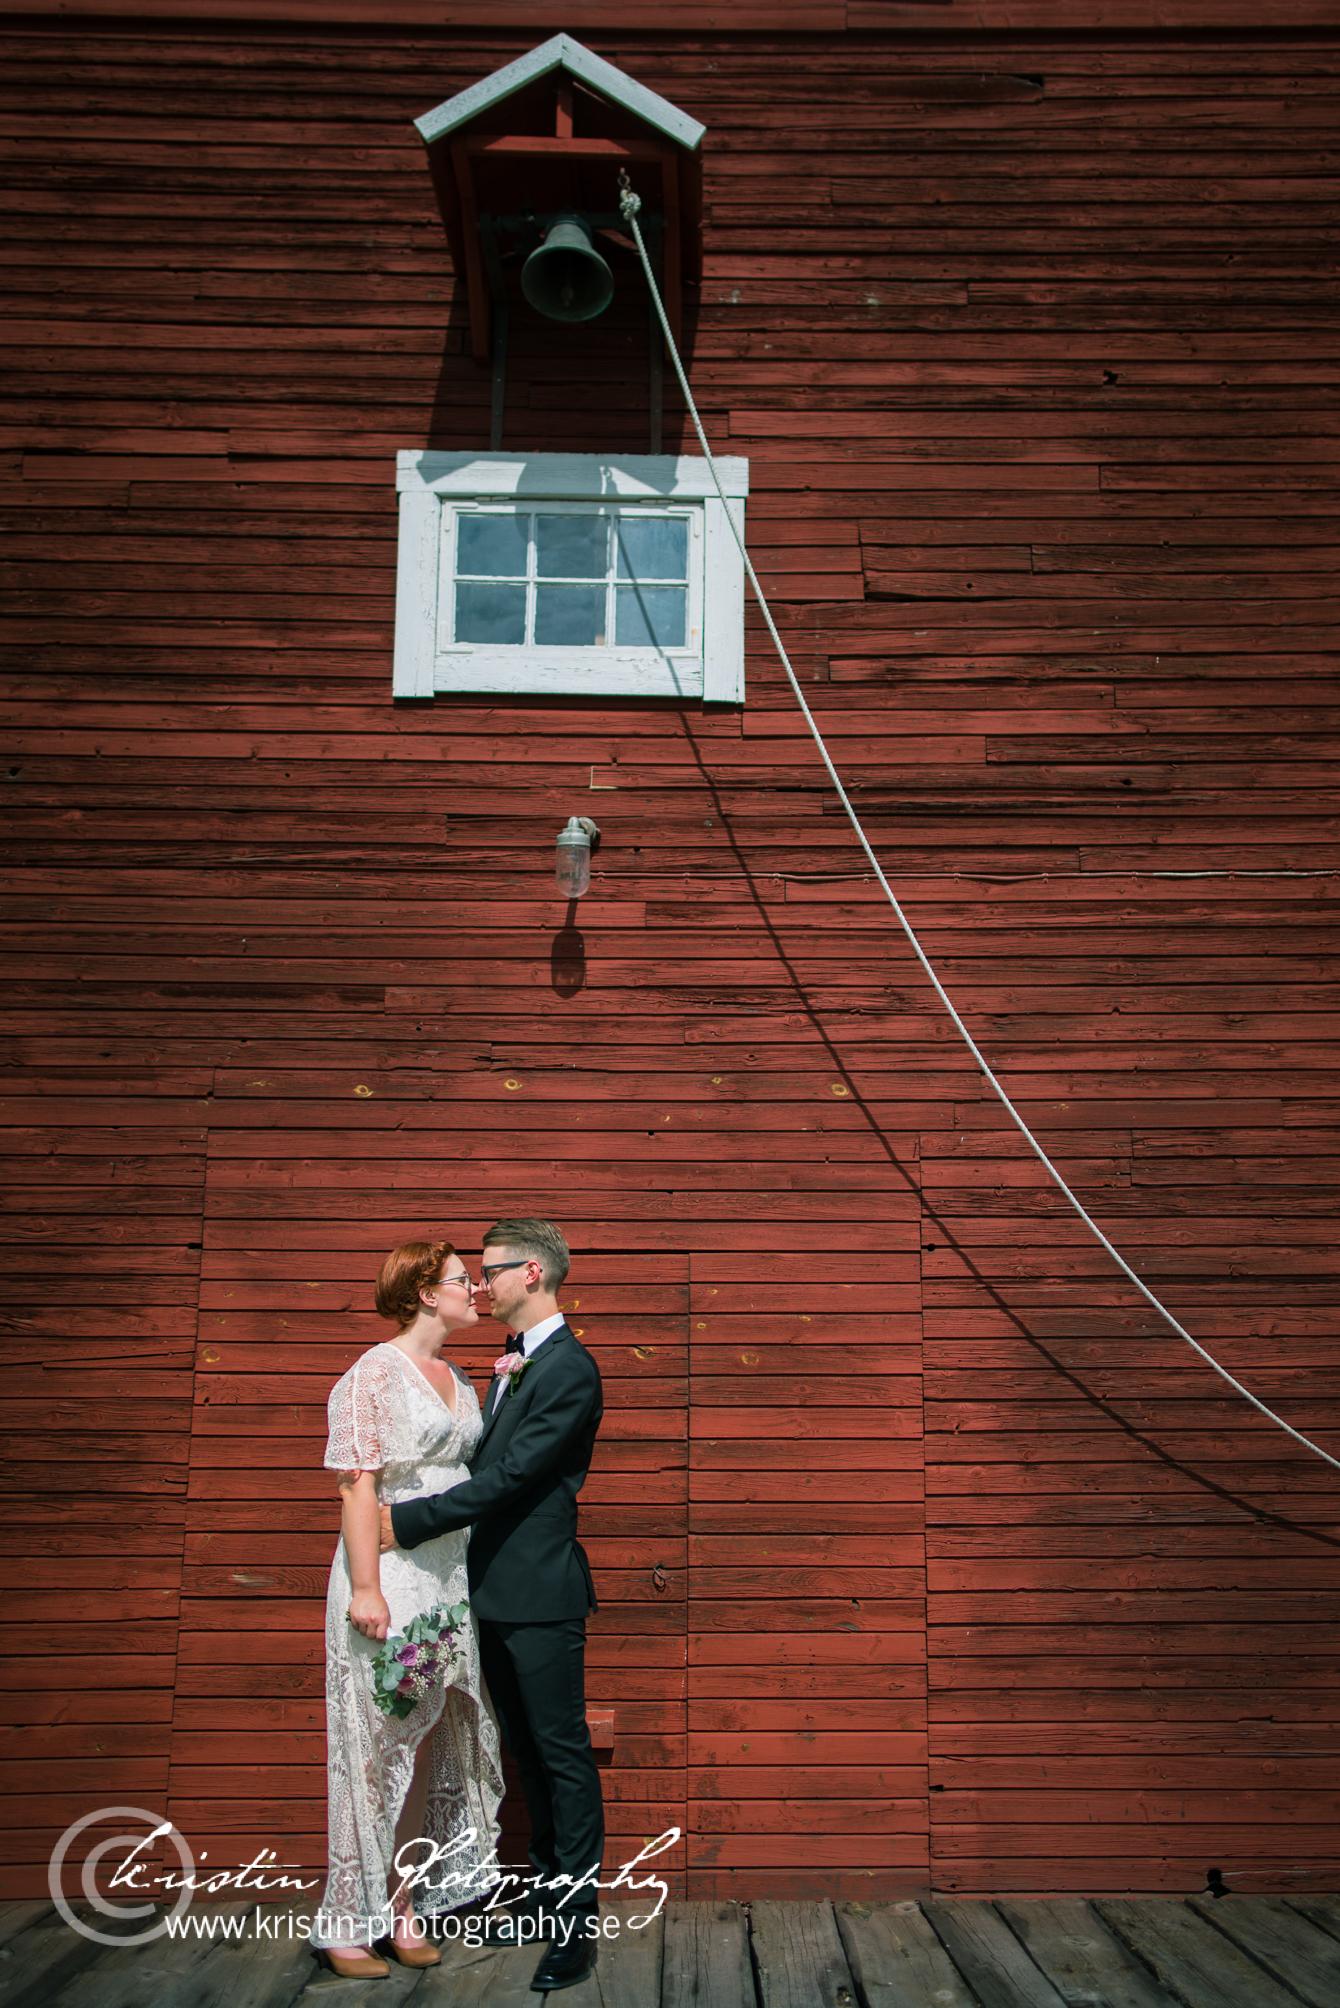 Bröllopsfotograf i Eskilstuna, Kristin - Photography, newborn-65.jpg